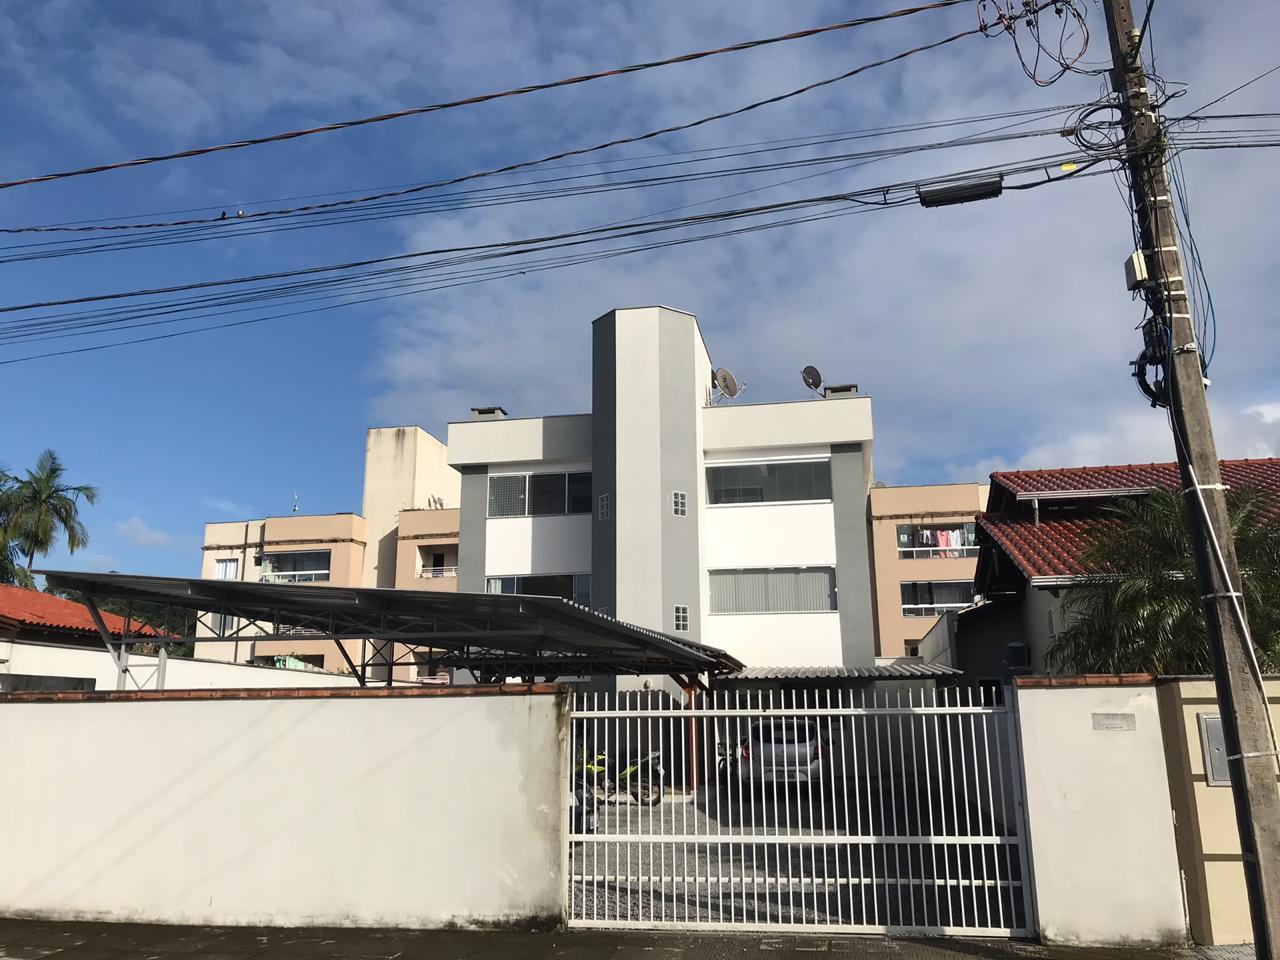 Código: 2894 – Residencial Bávaro – Três Rios do Sul – MI nº 85.429